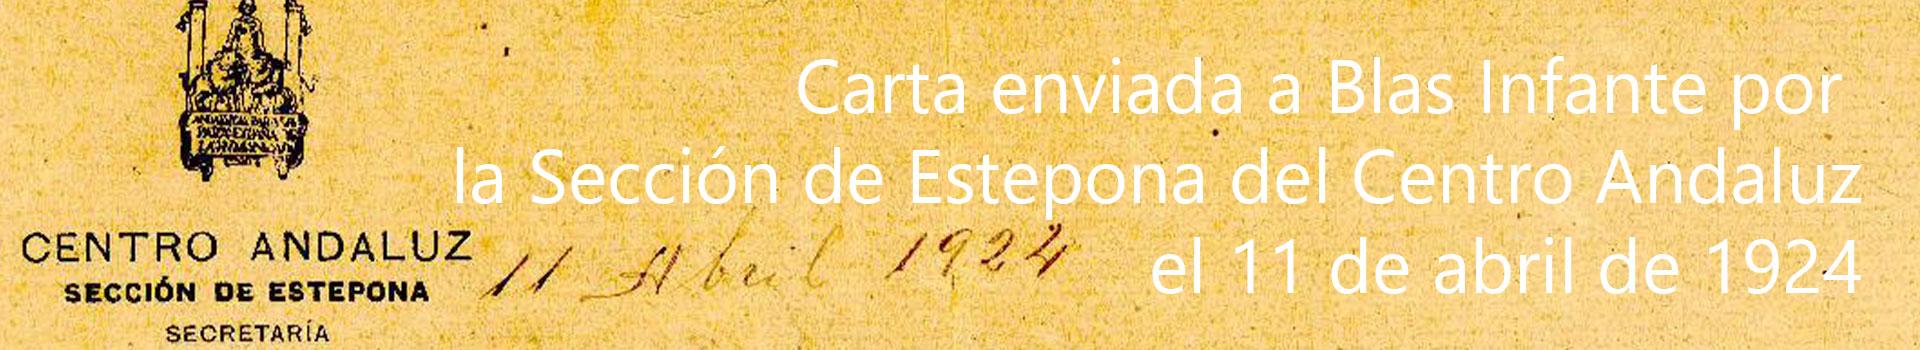 Los manuscritos de Blas Infante: Carta enviada por la Sección de Estepona del Centro Andaluz